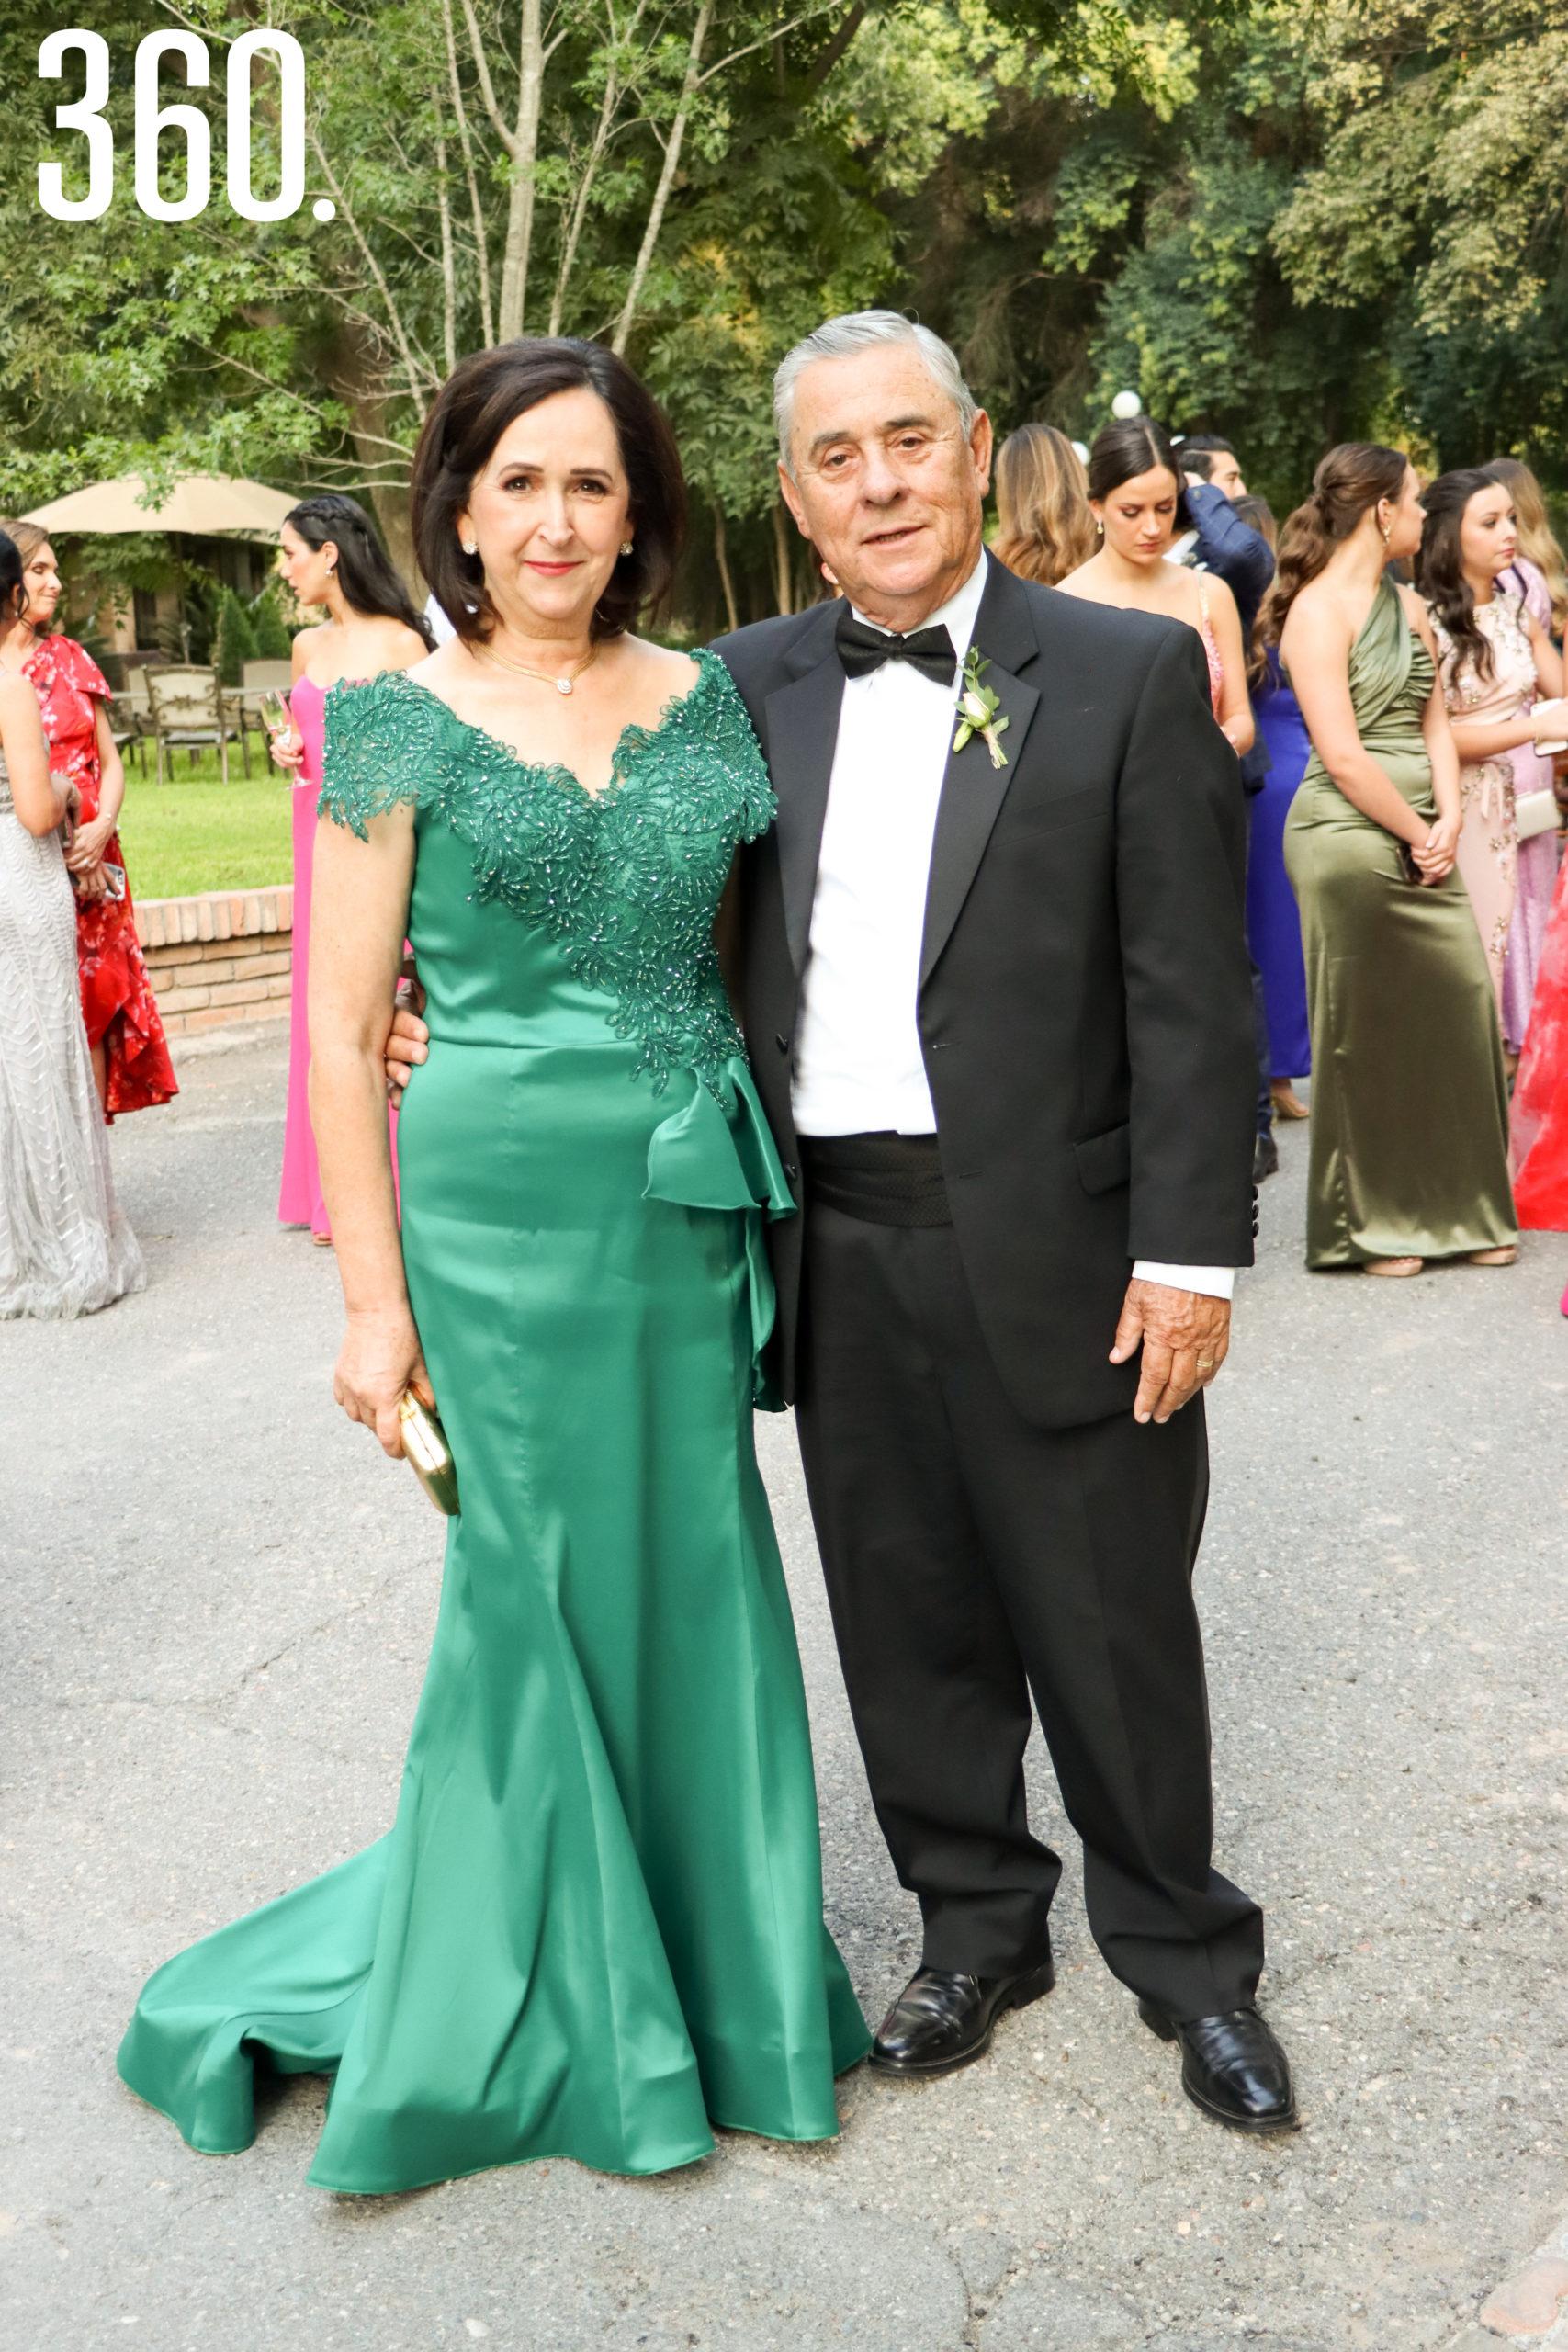 María Alicia López y Manuel Diego, padres del novio.